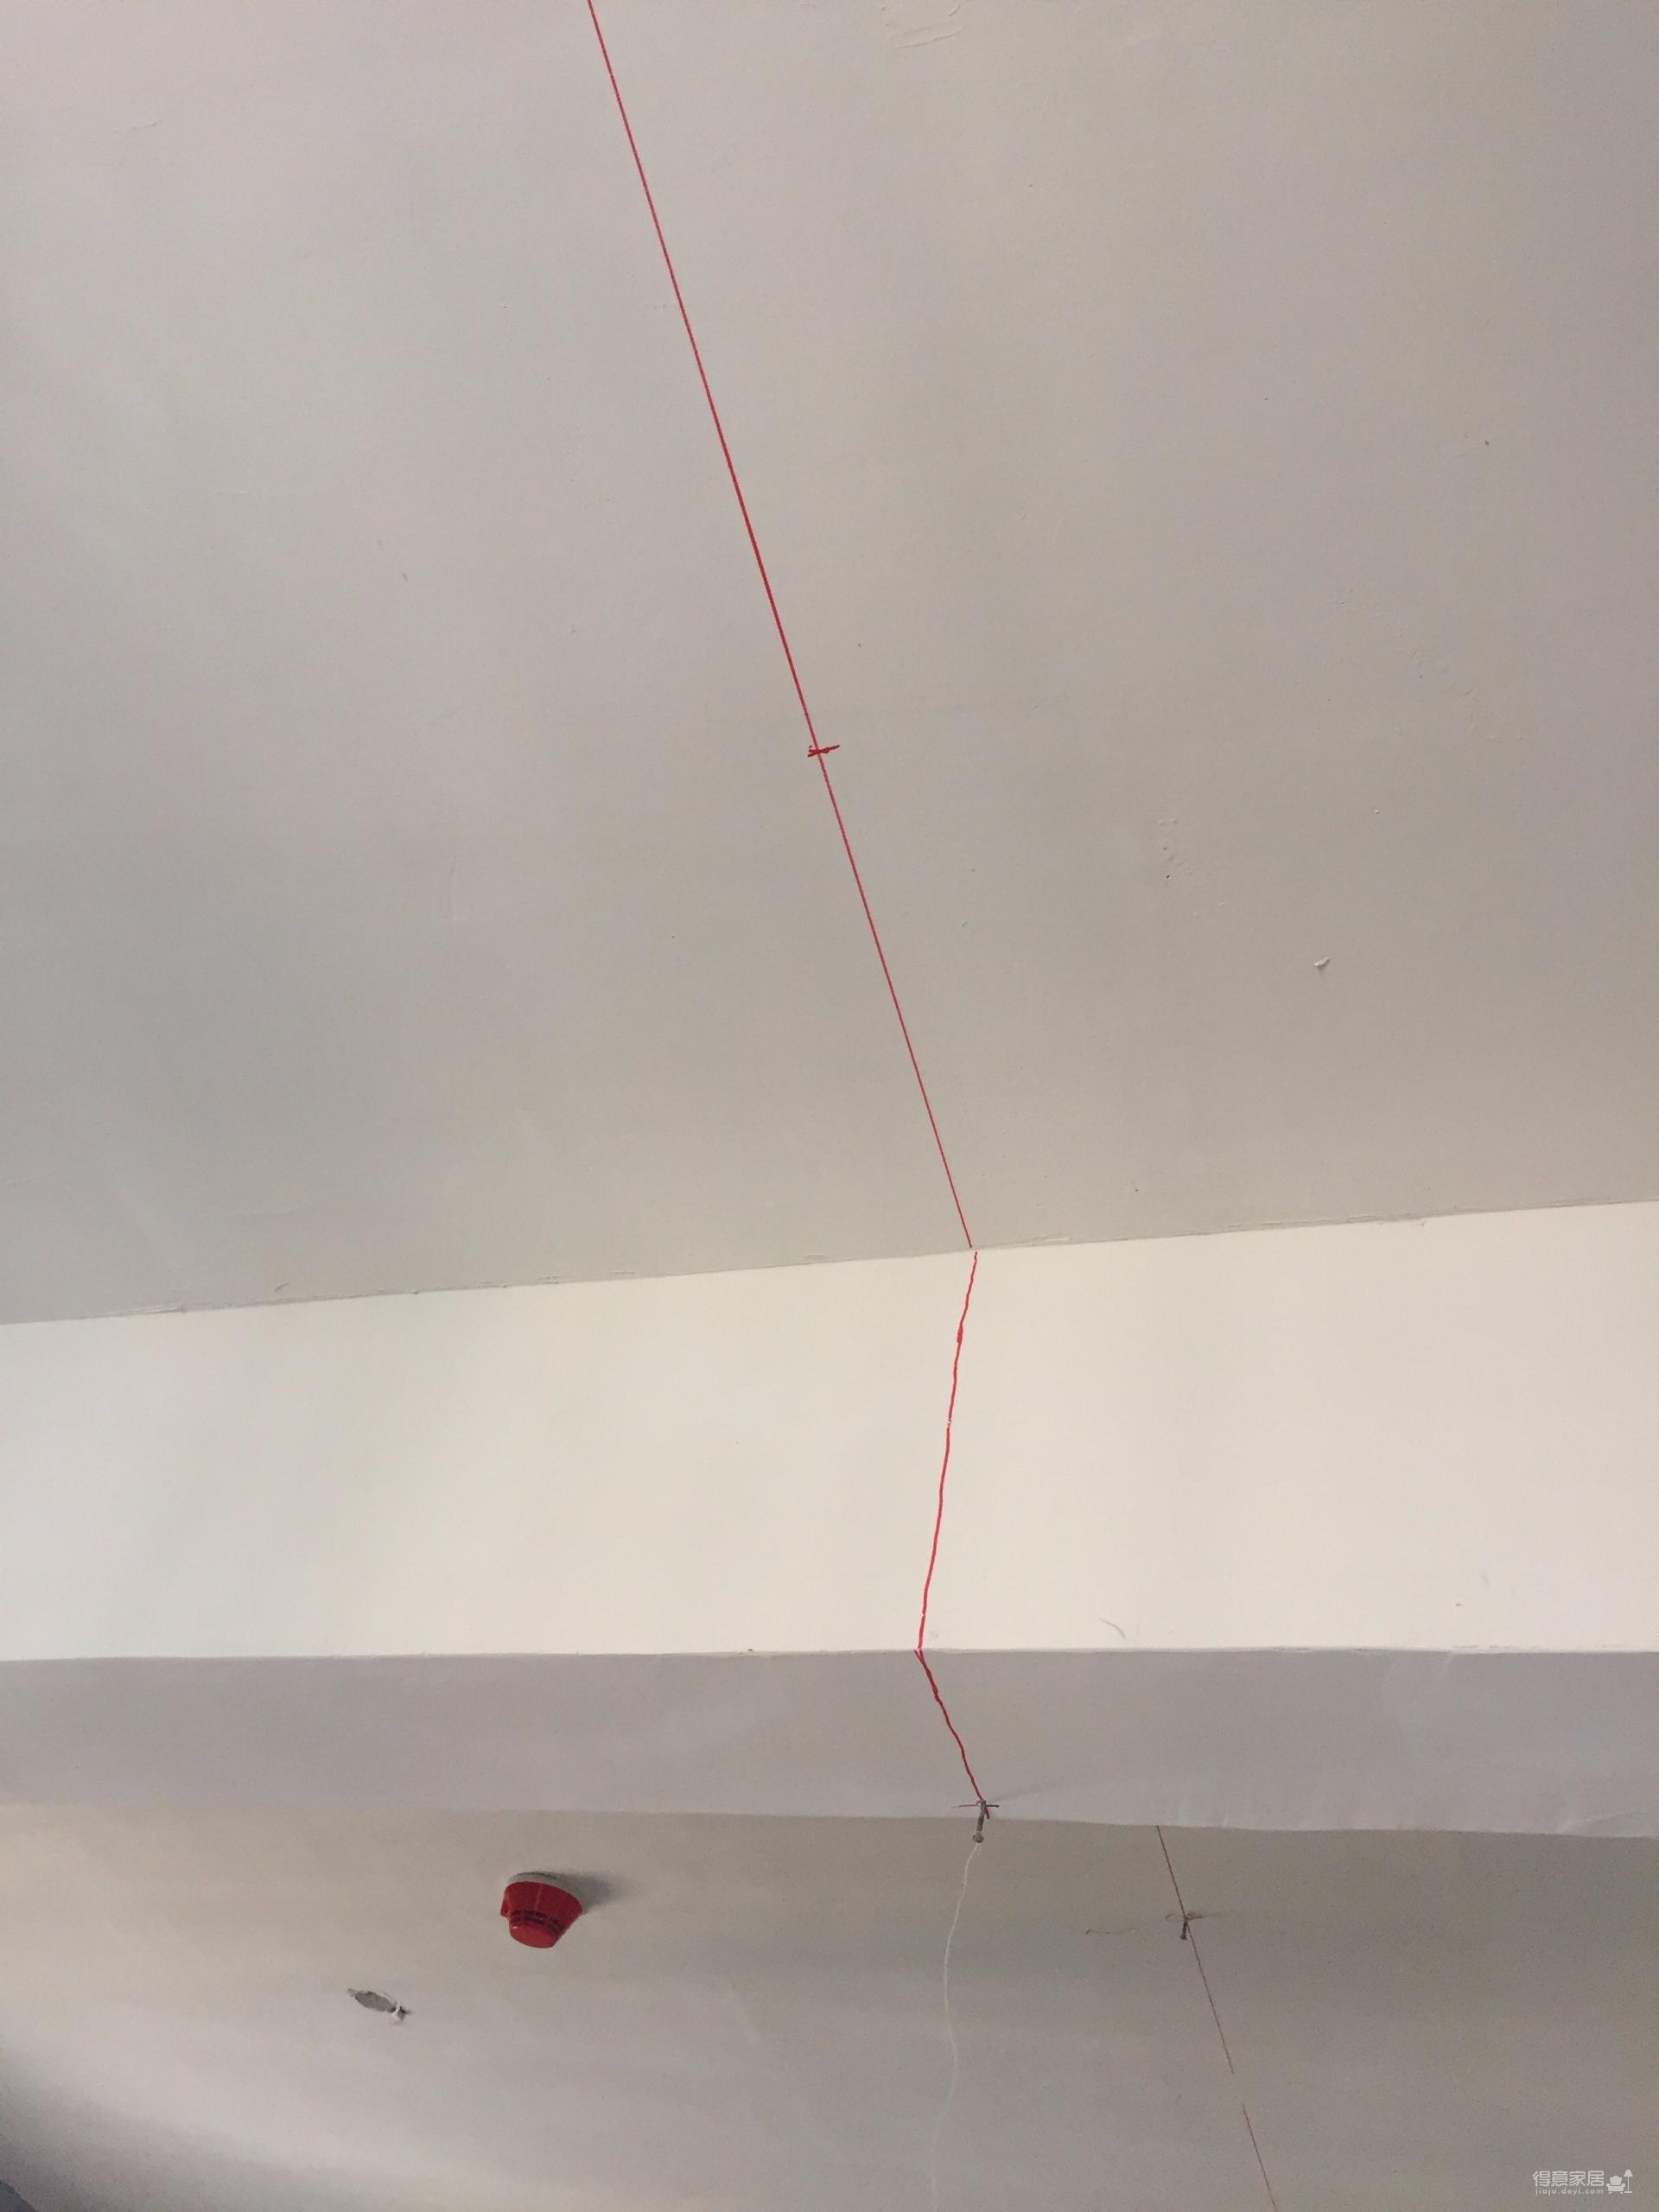 【业之峰工地直播】拆砌墙图_6